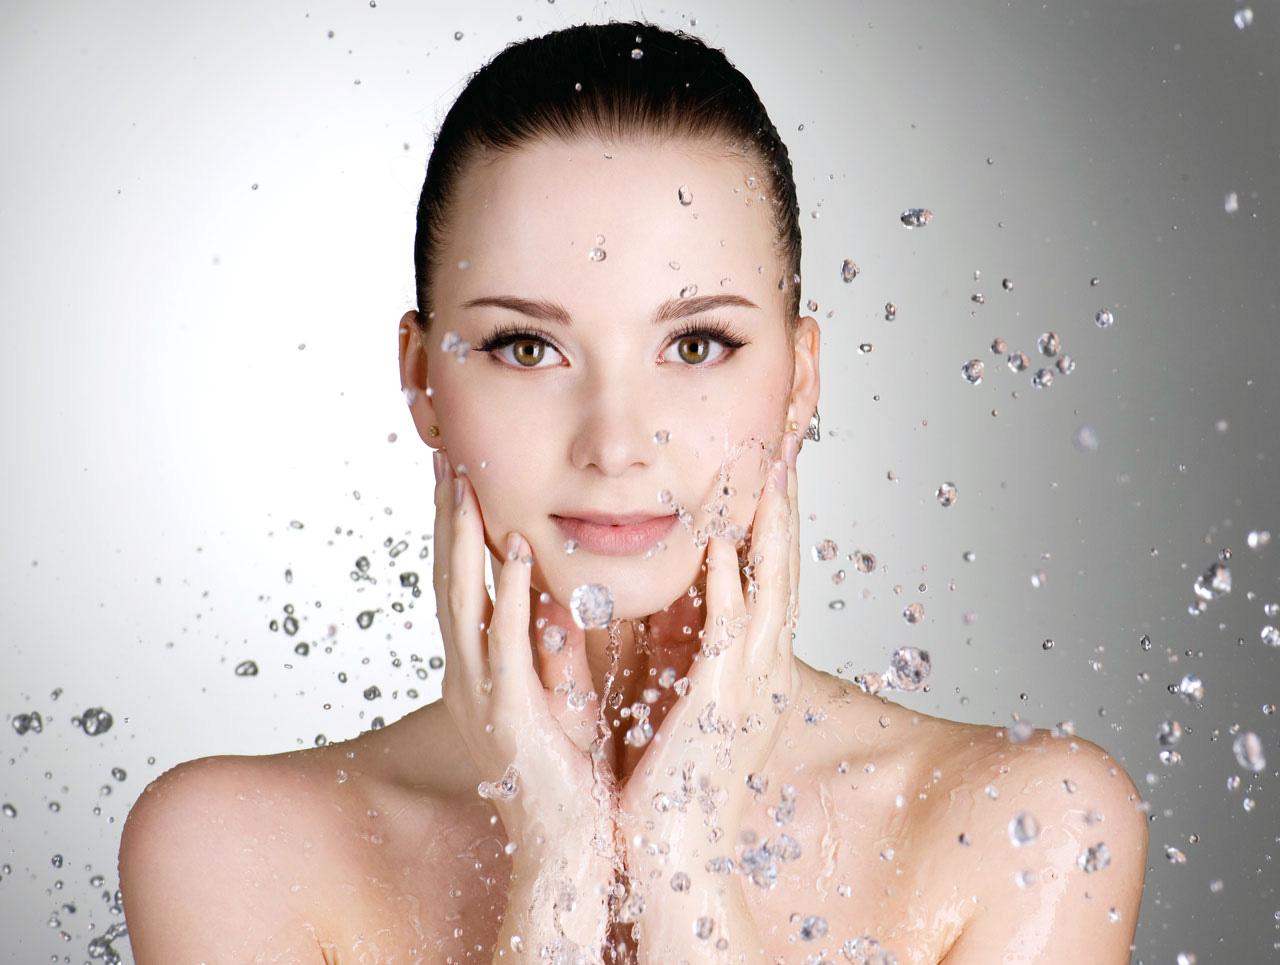 Как скрыть акне при помощи макияжа: пошаговая инструкция. Видео - фото №1